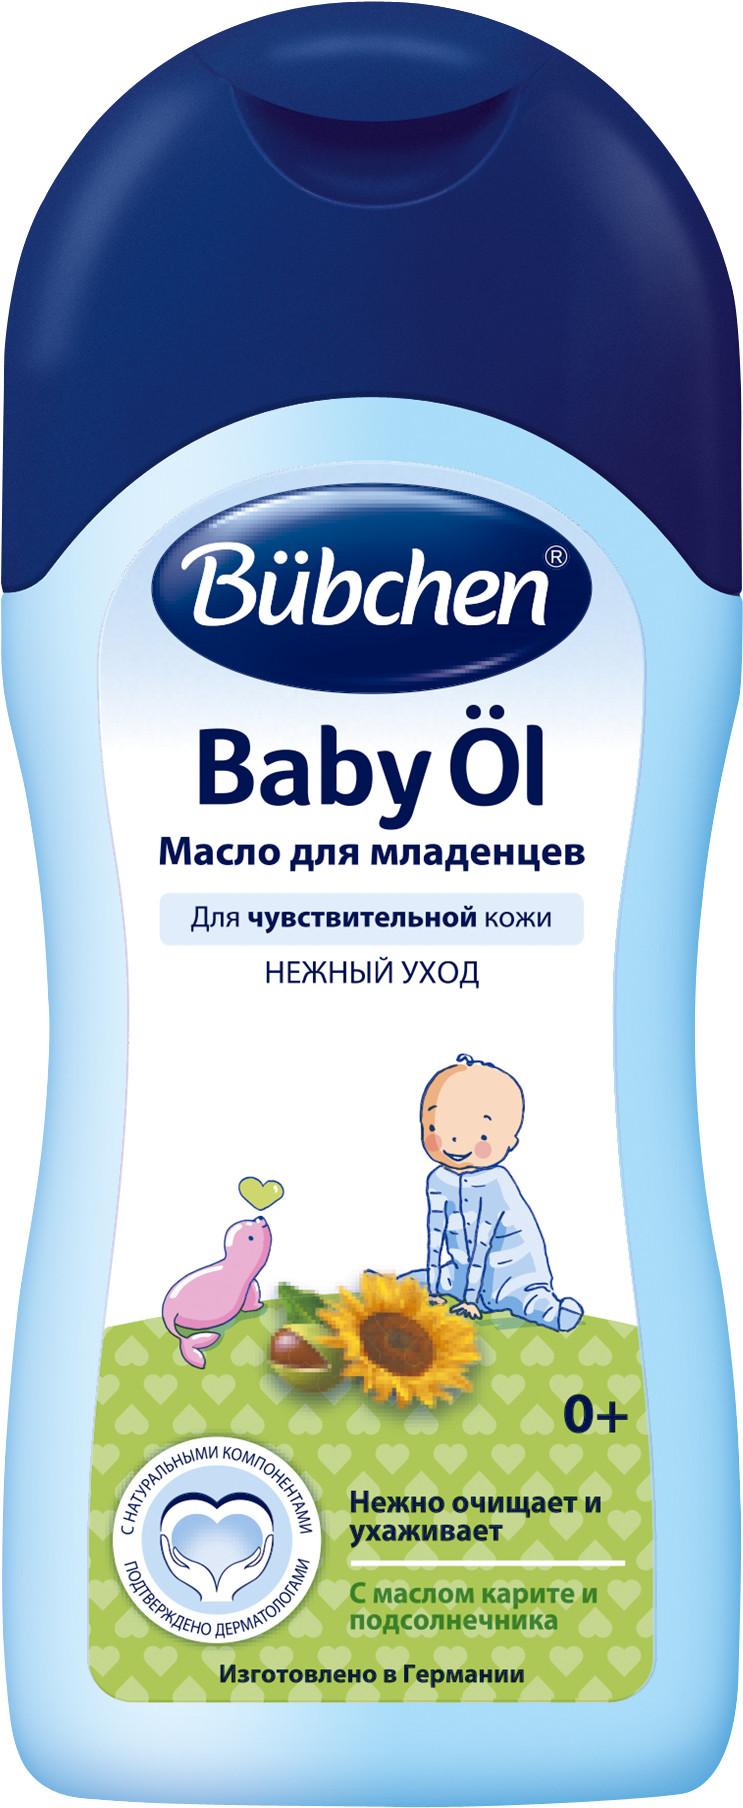 Масло для младенцев Bubchen 200 мл цены онлайн